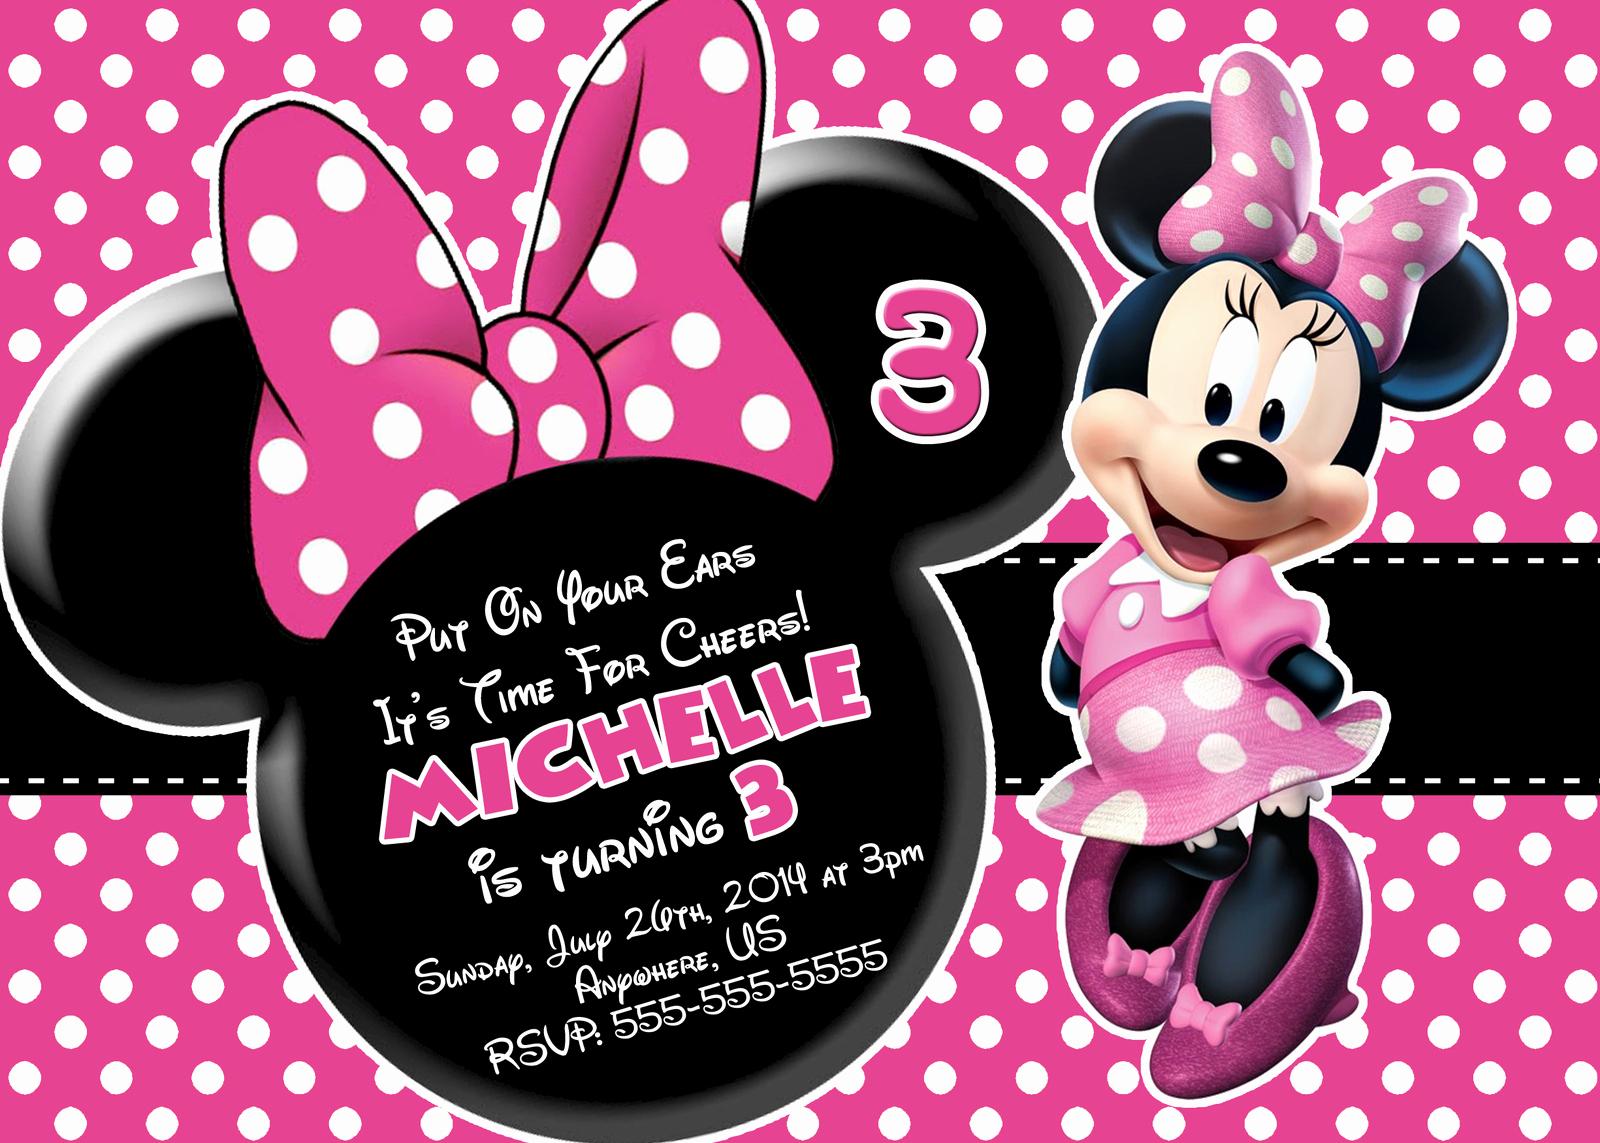 Minnie Mouse Birthday Invitations Unique Free Minnie Mouse Printable Birthday Invitations